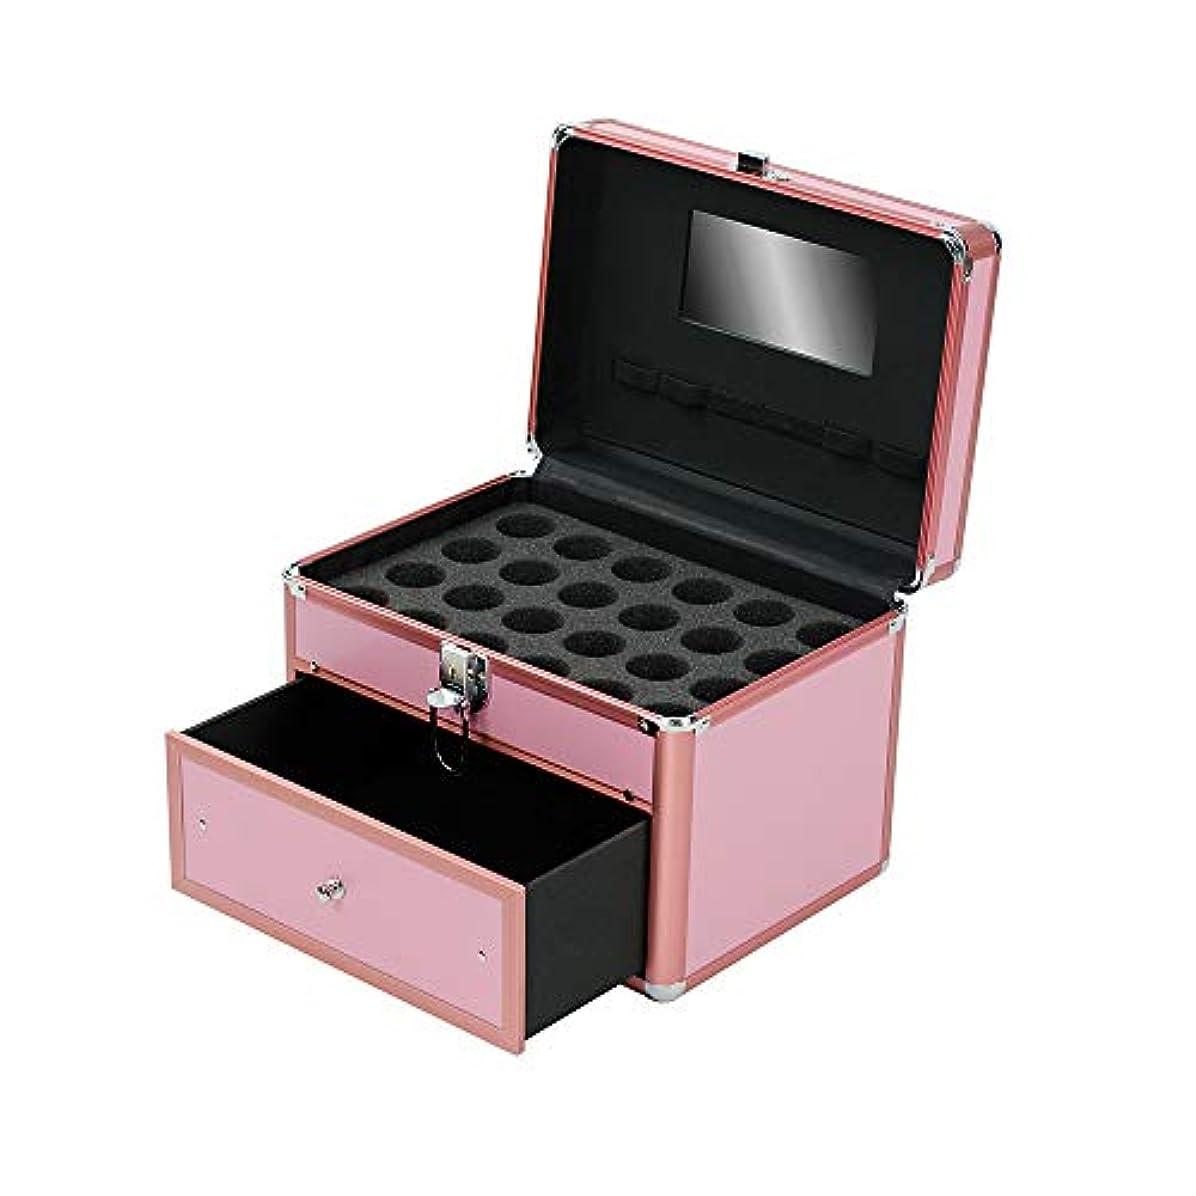 法令ウイルス暴動特大スペース収納ビューティーボックス 女の子の女性旅行のための新しく、実用的な携帯用化粧箱およびロックおよび皿が付いている毎日の貯蔵 化粧品化粧台